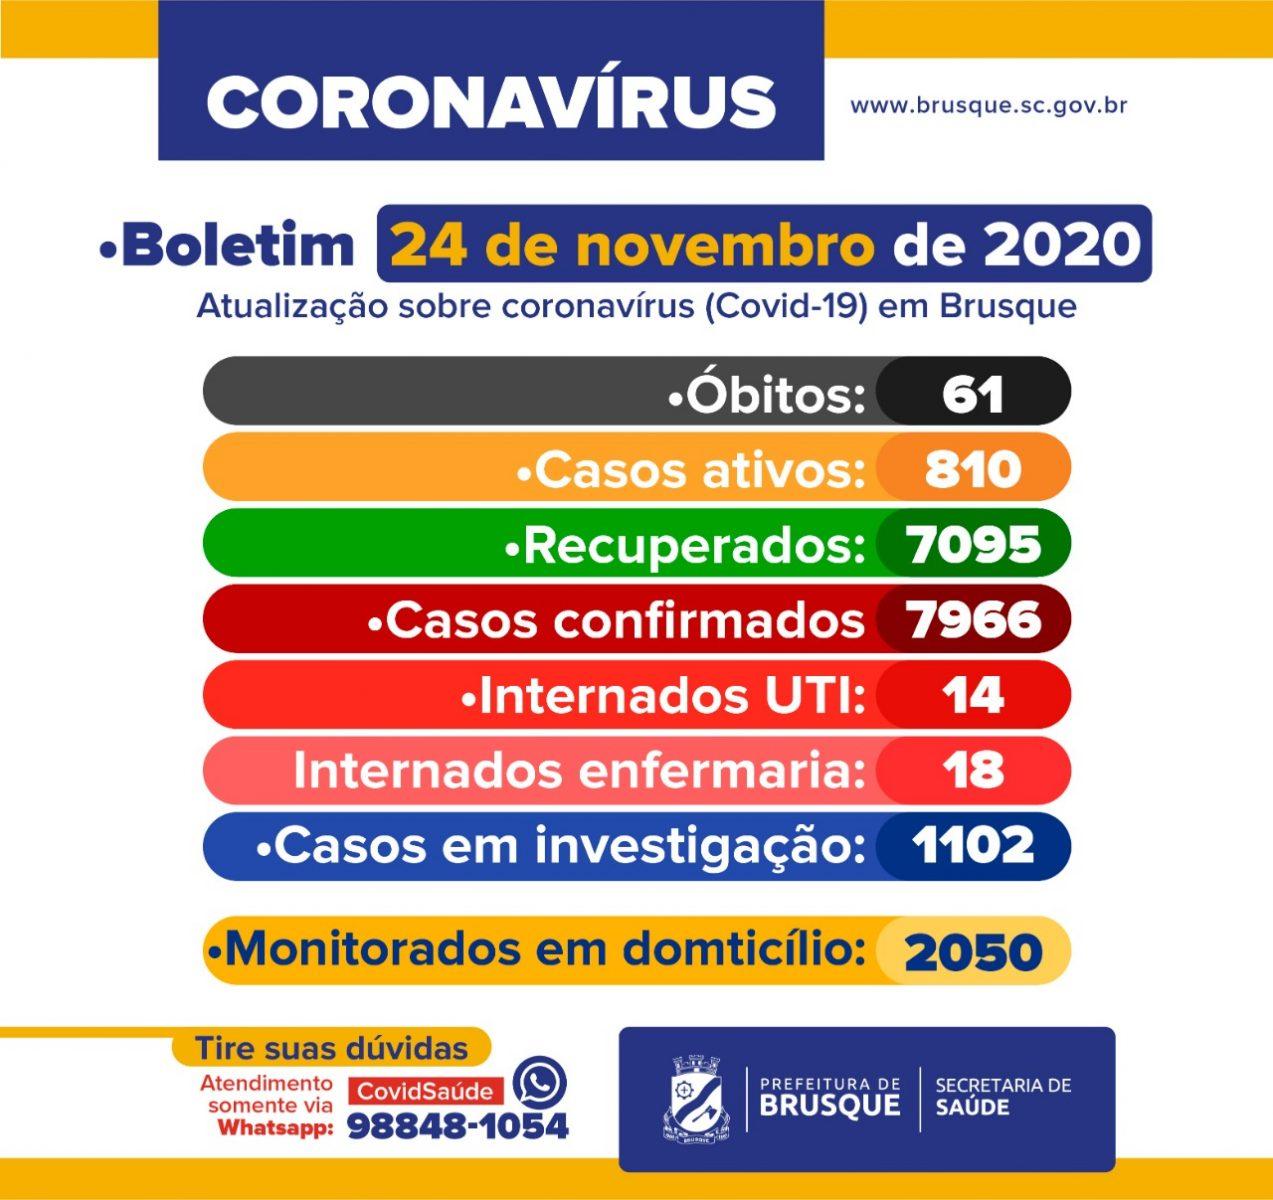 COVID-19: Boletim epidemiológico de 24 de novembro